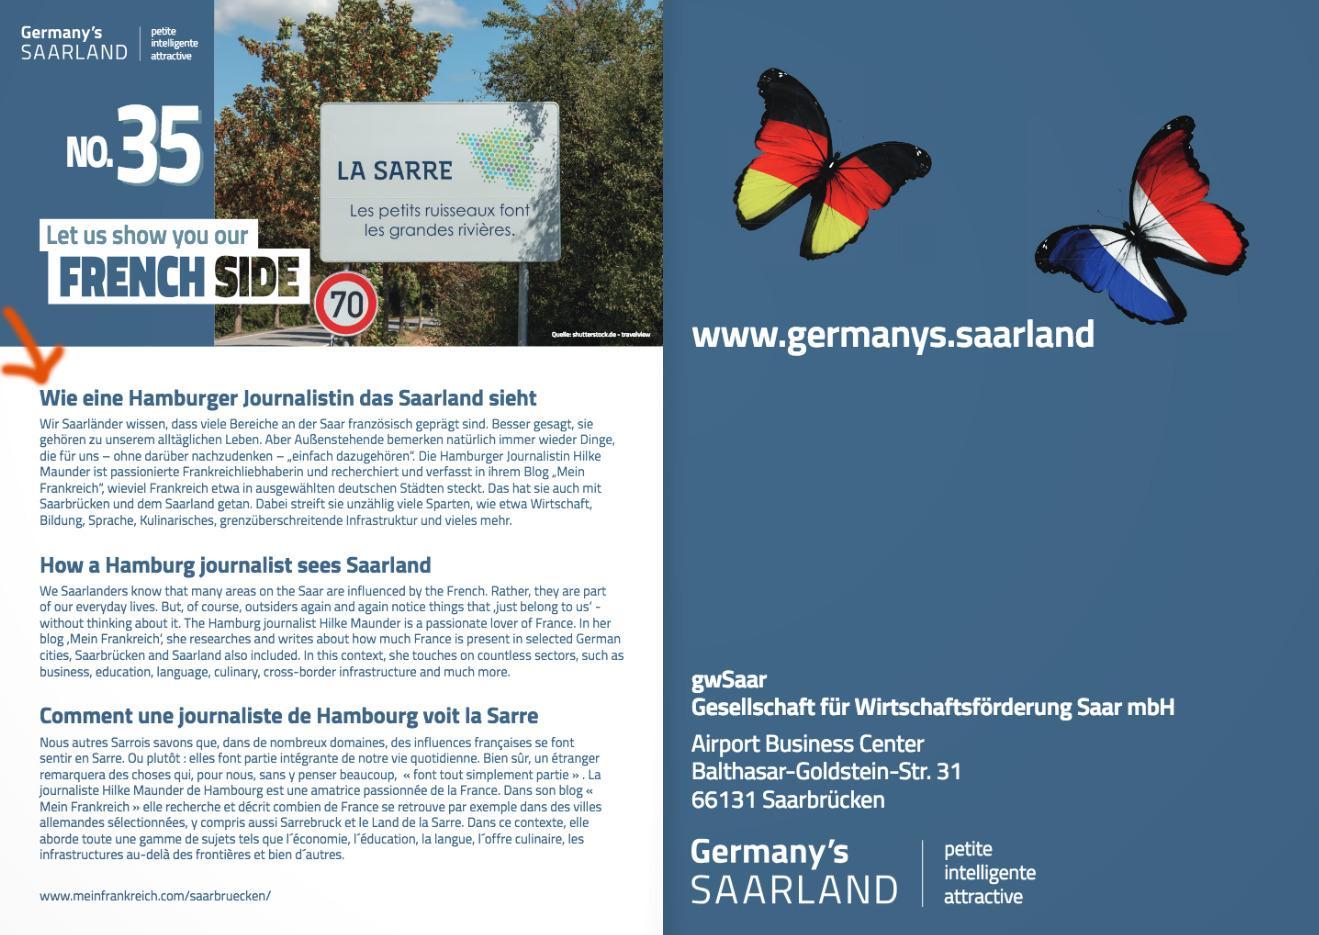 Empfehlung Mein Frankreich Saarland